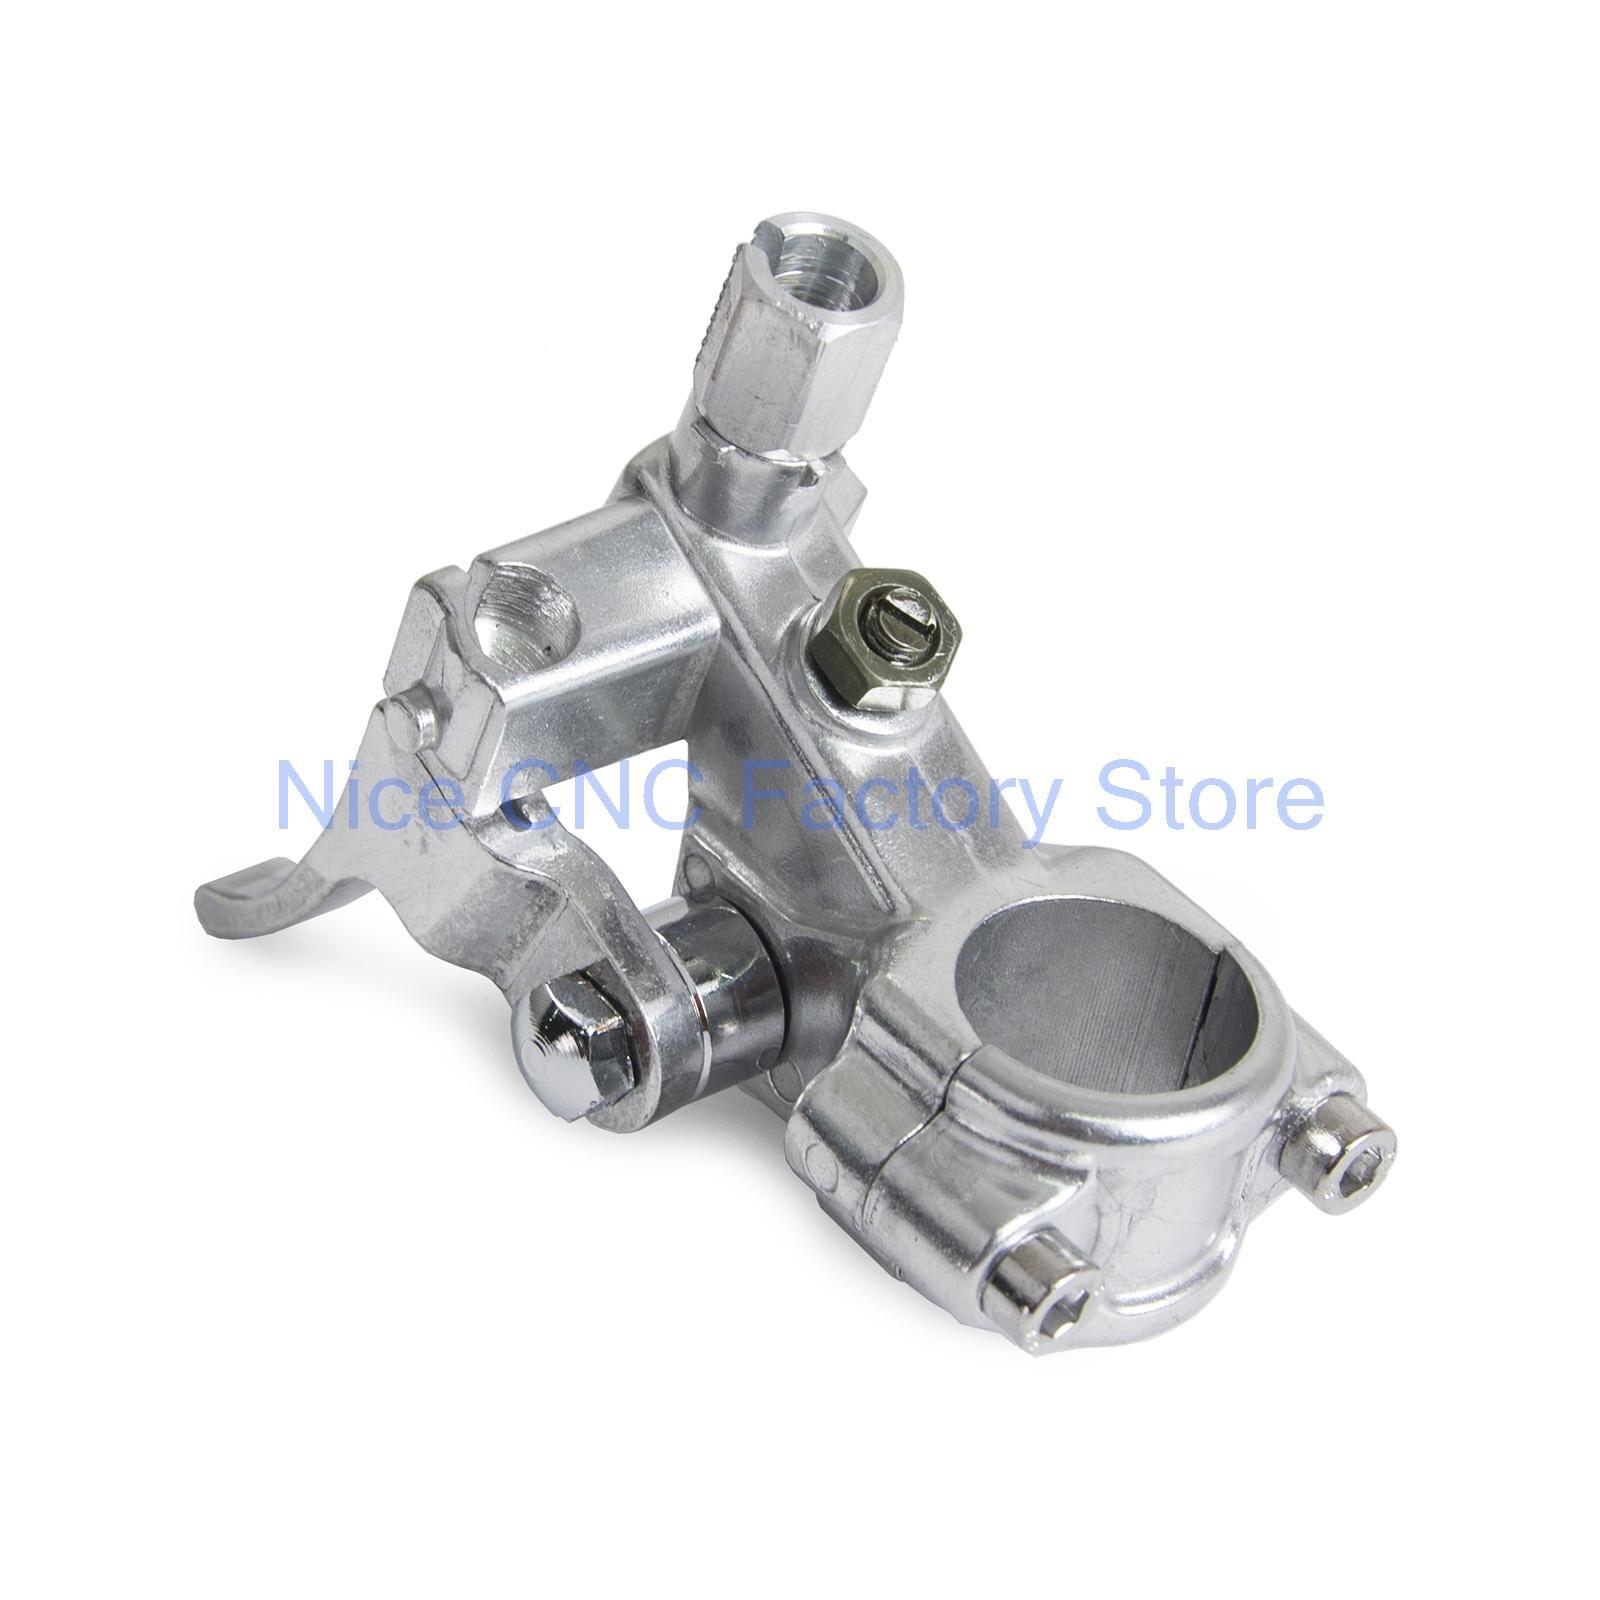 Clutch Lever Bracket For Honda CRF250X 2004-2017 CRF250R 2004-2009 CRF450R 204-2008 CRF450X 2005-2017 CRF250 CRF450 X/R NEW<br><br>Aliexpress